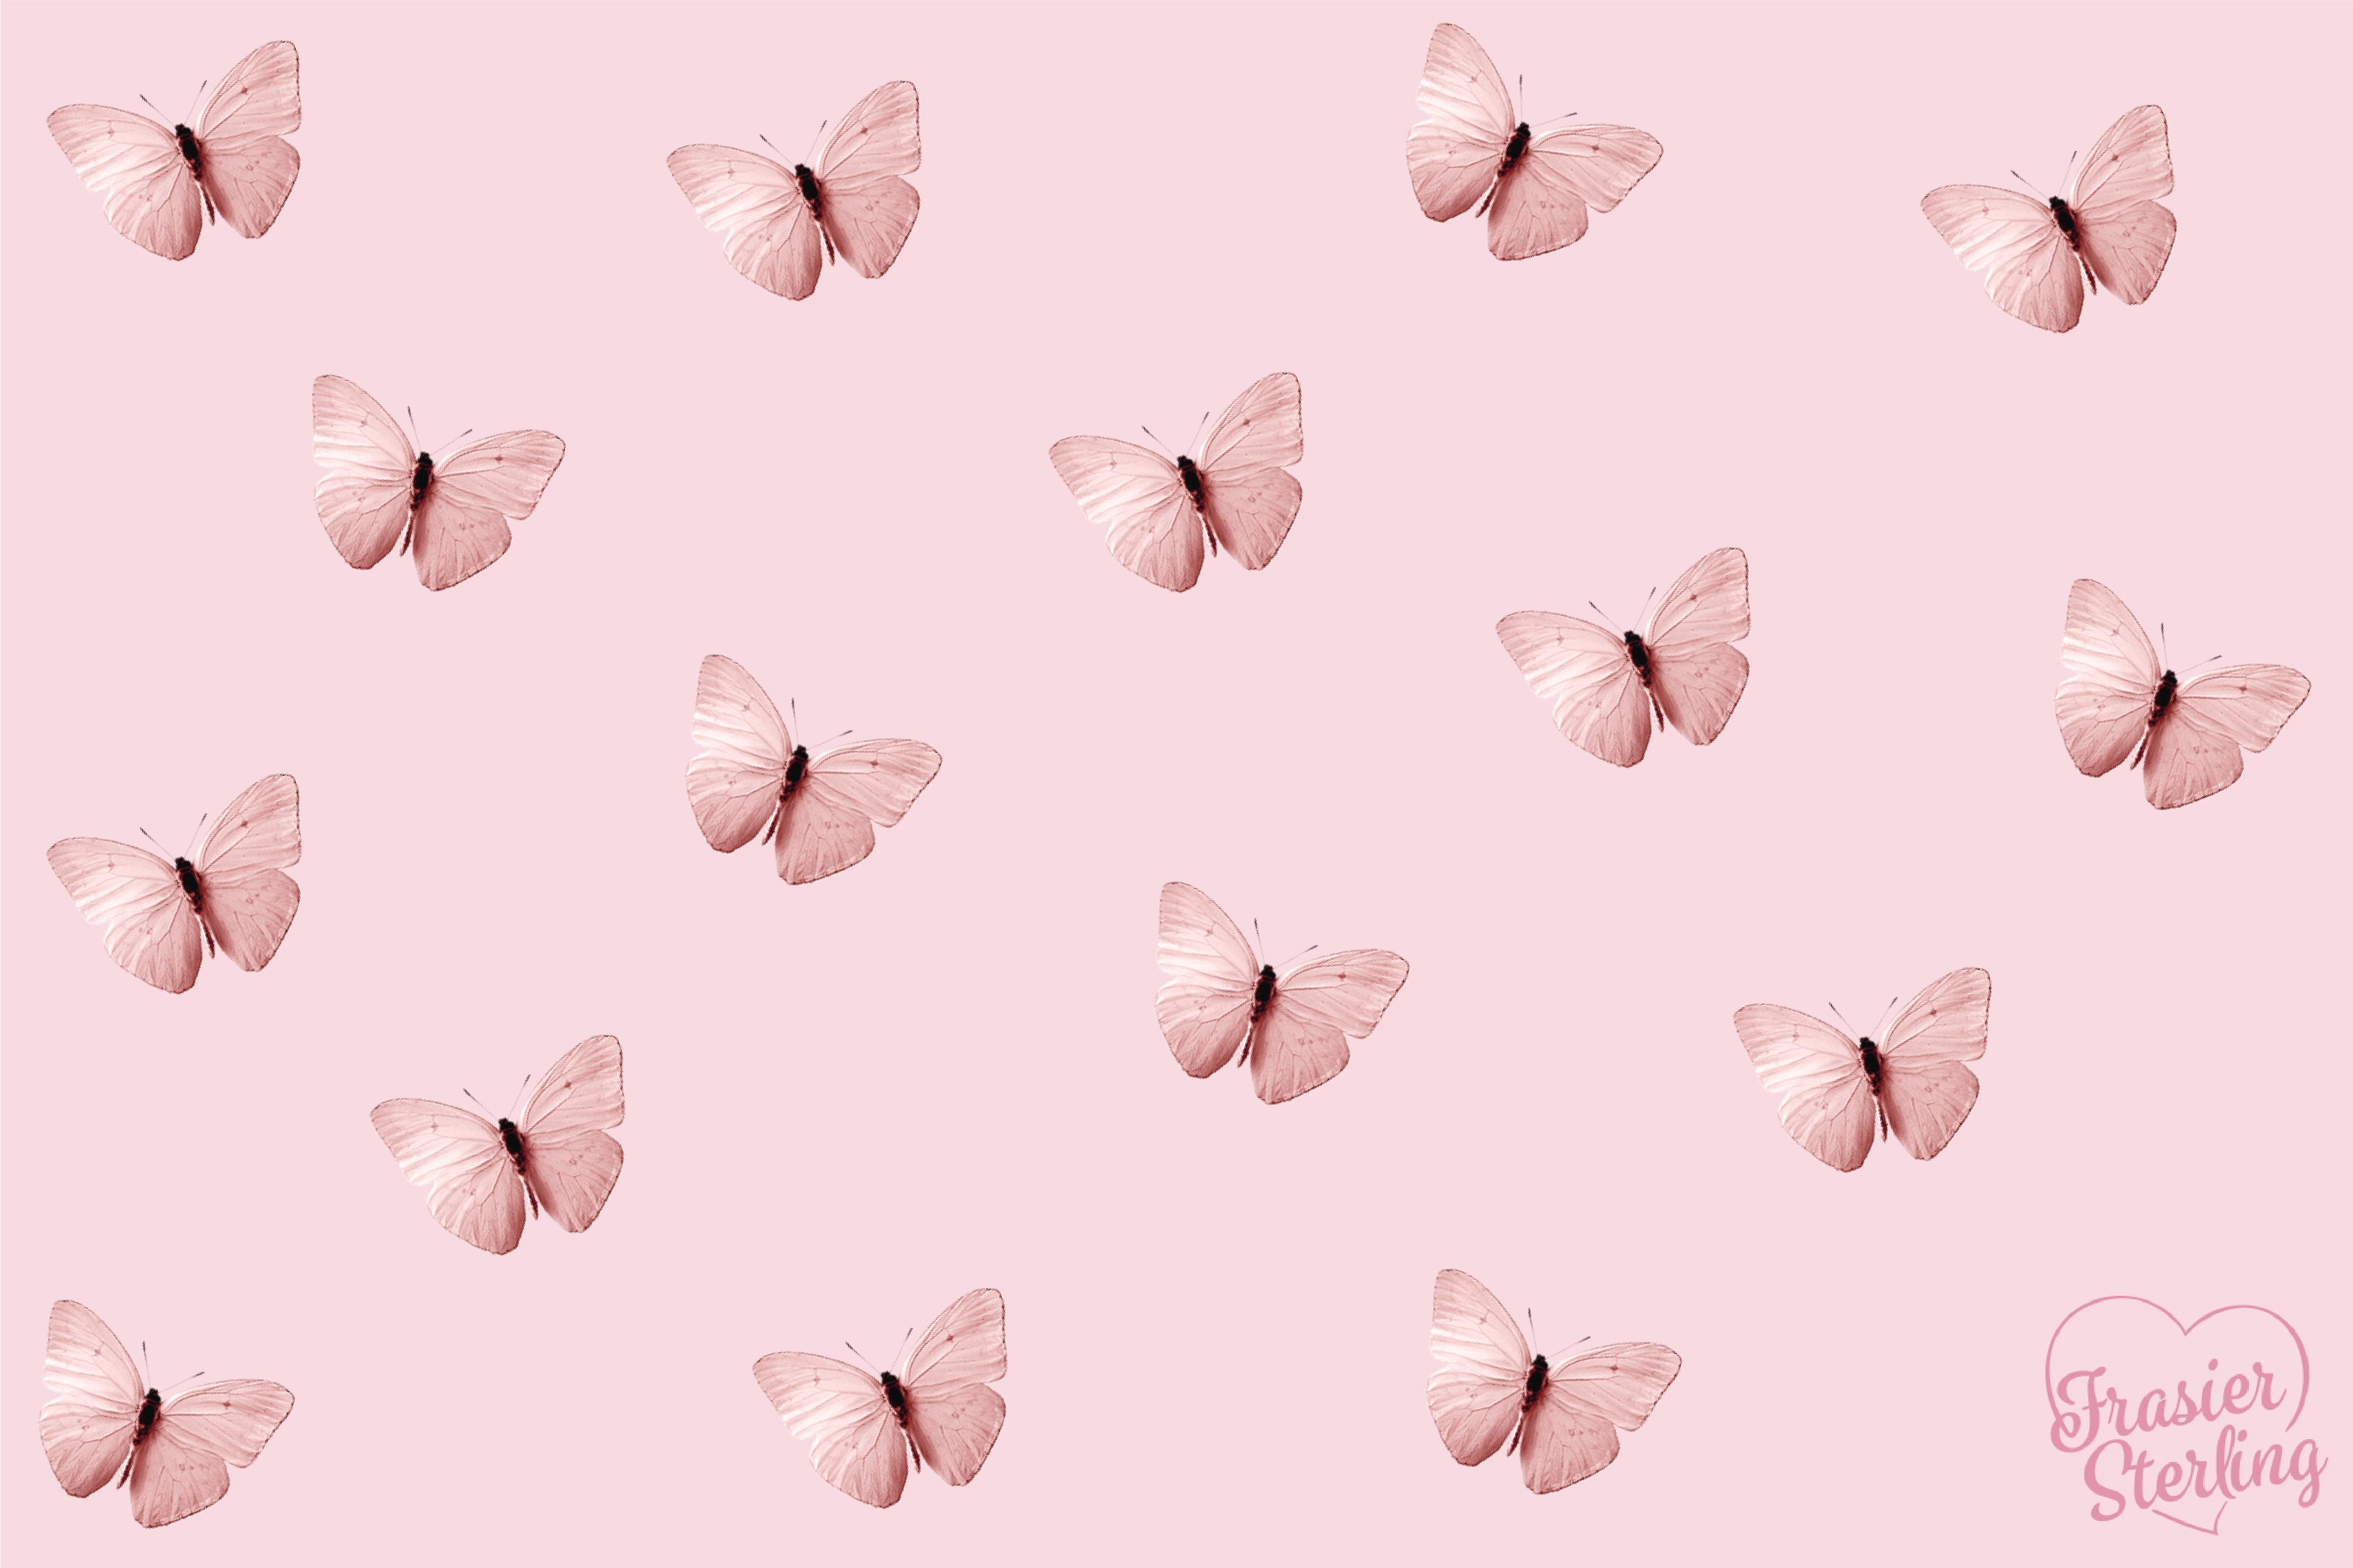 Wallpapers Frasiersterling Pink Wallpaper Desktop Pink Wallpaper Laptop Cute Desktop Wallpaper